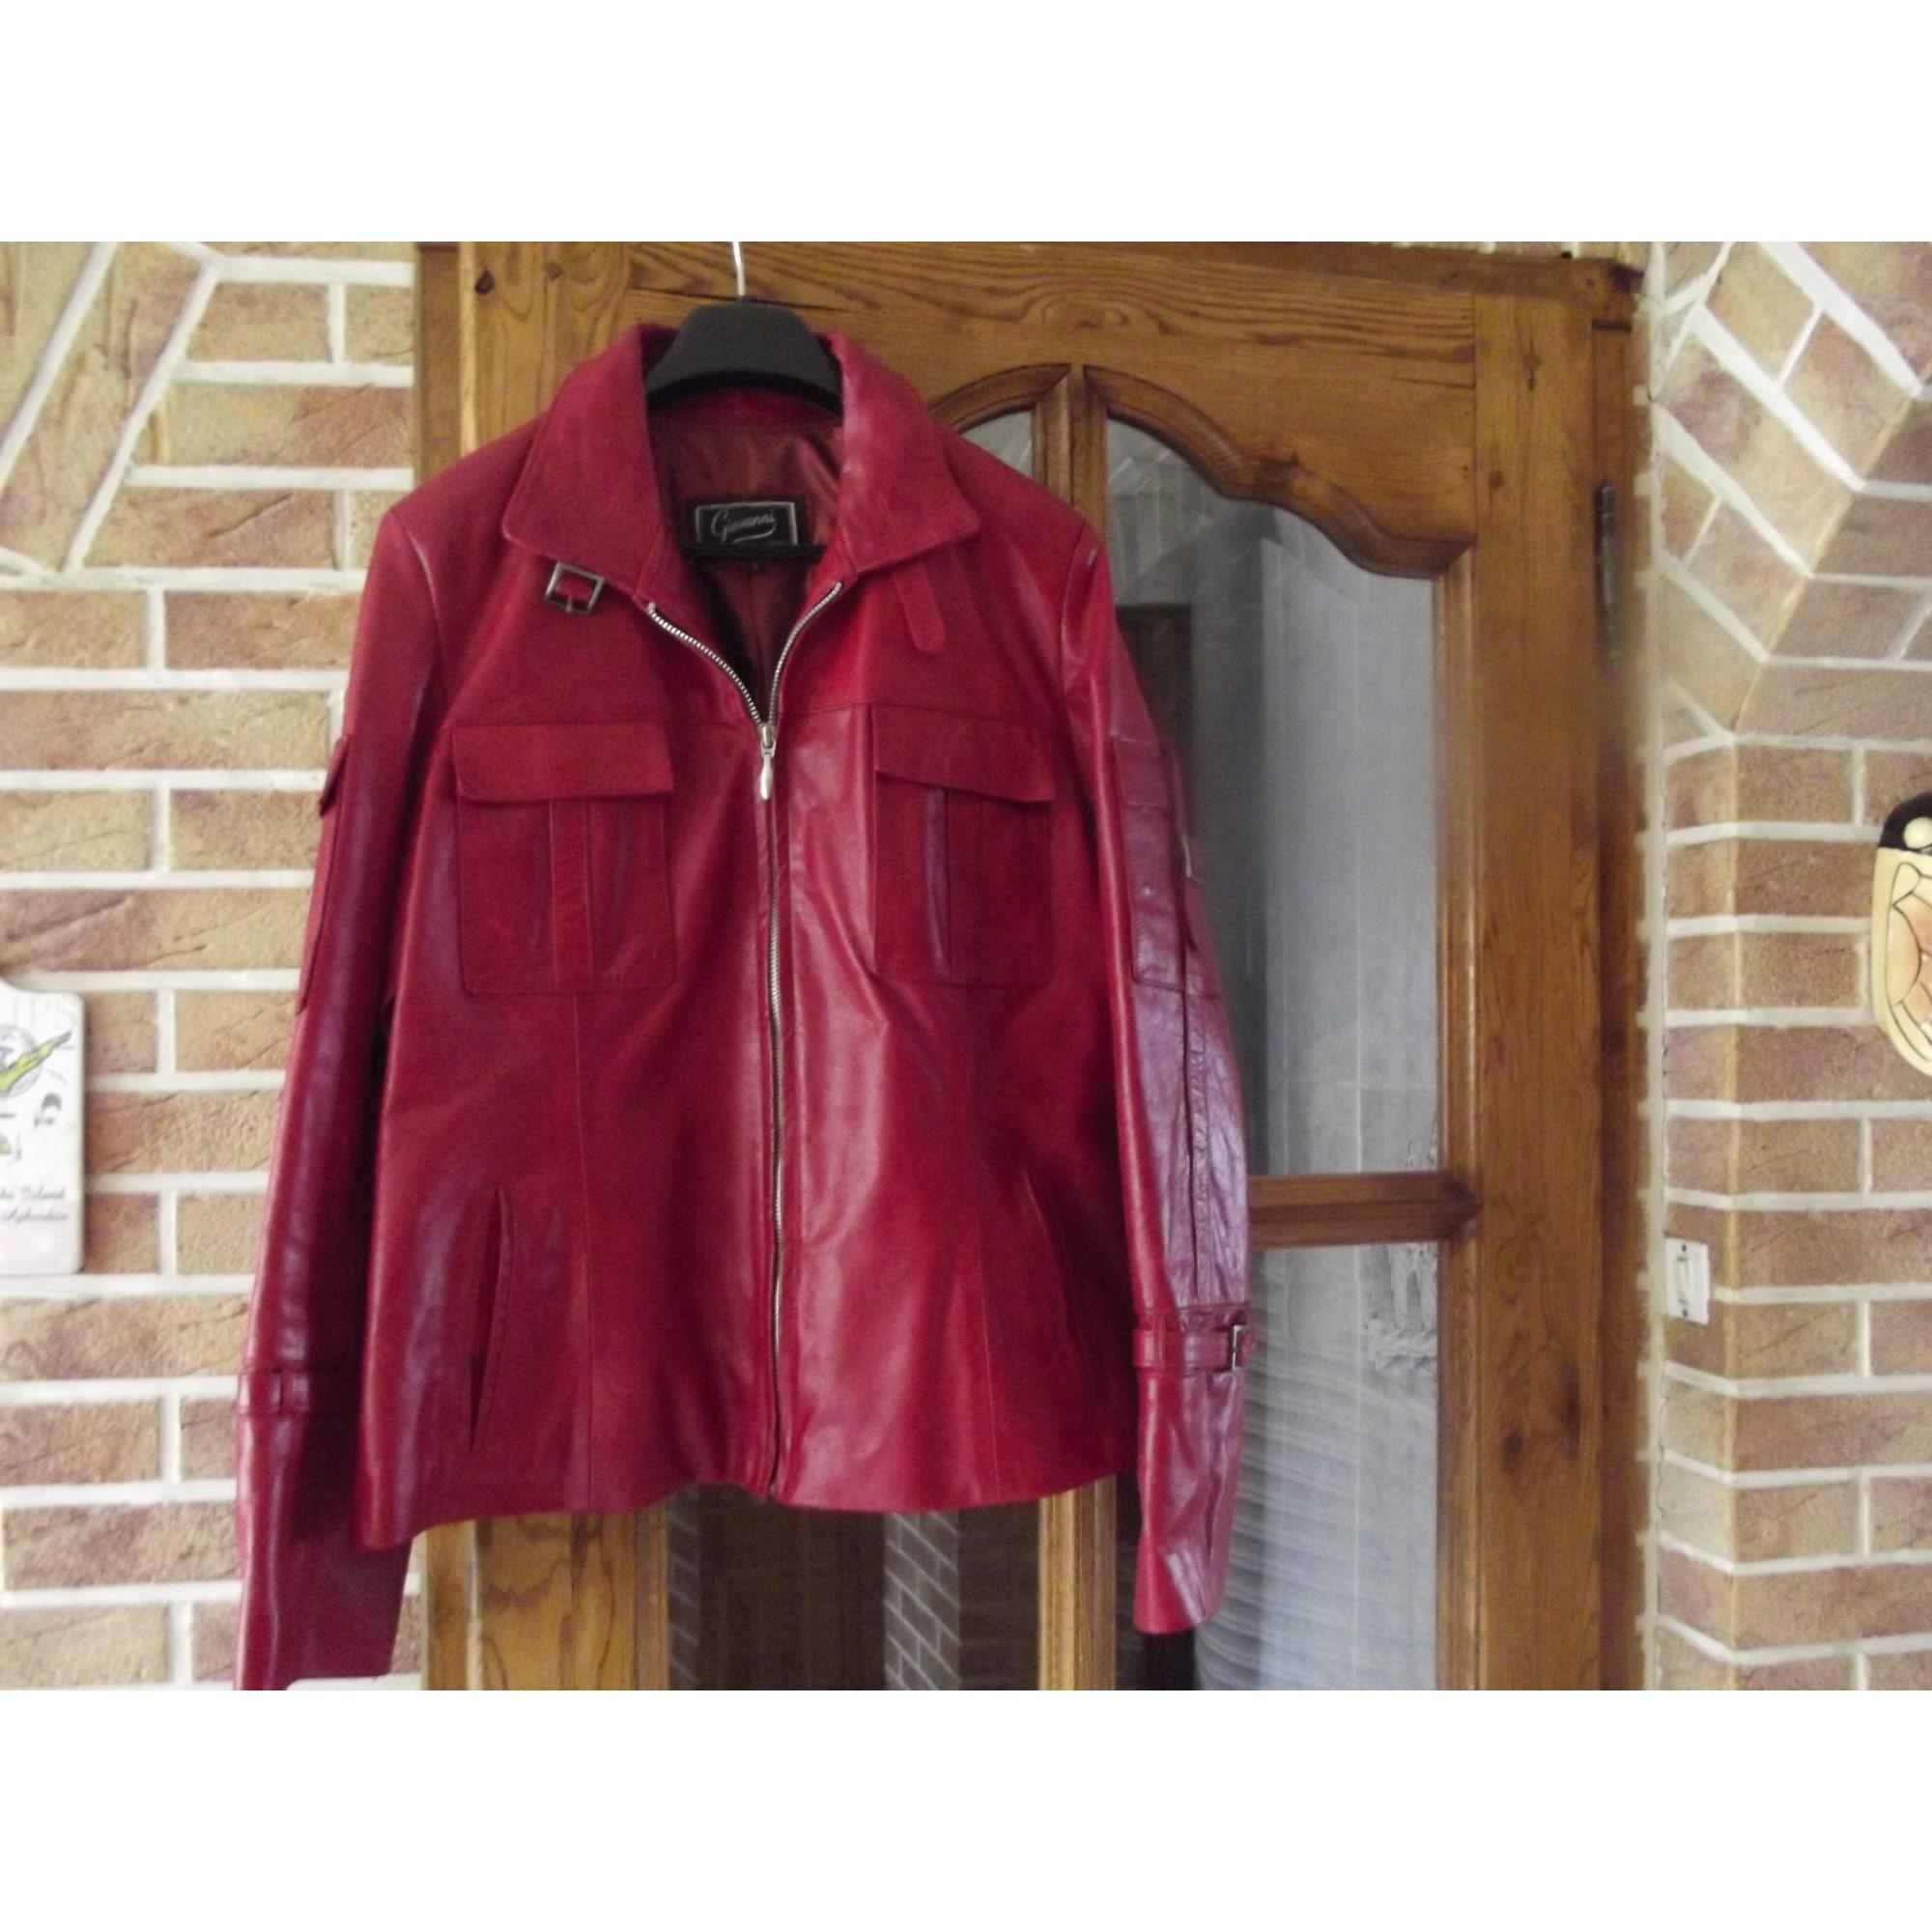 Prix veste en cuir giovanni